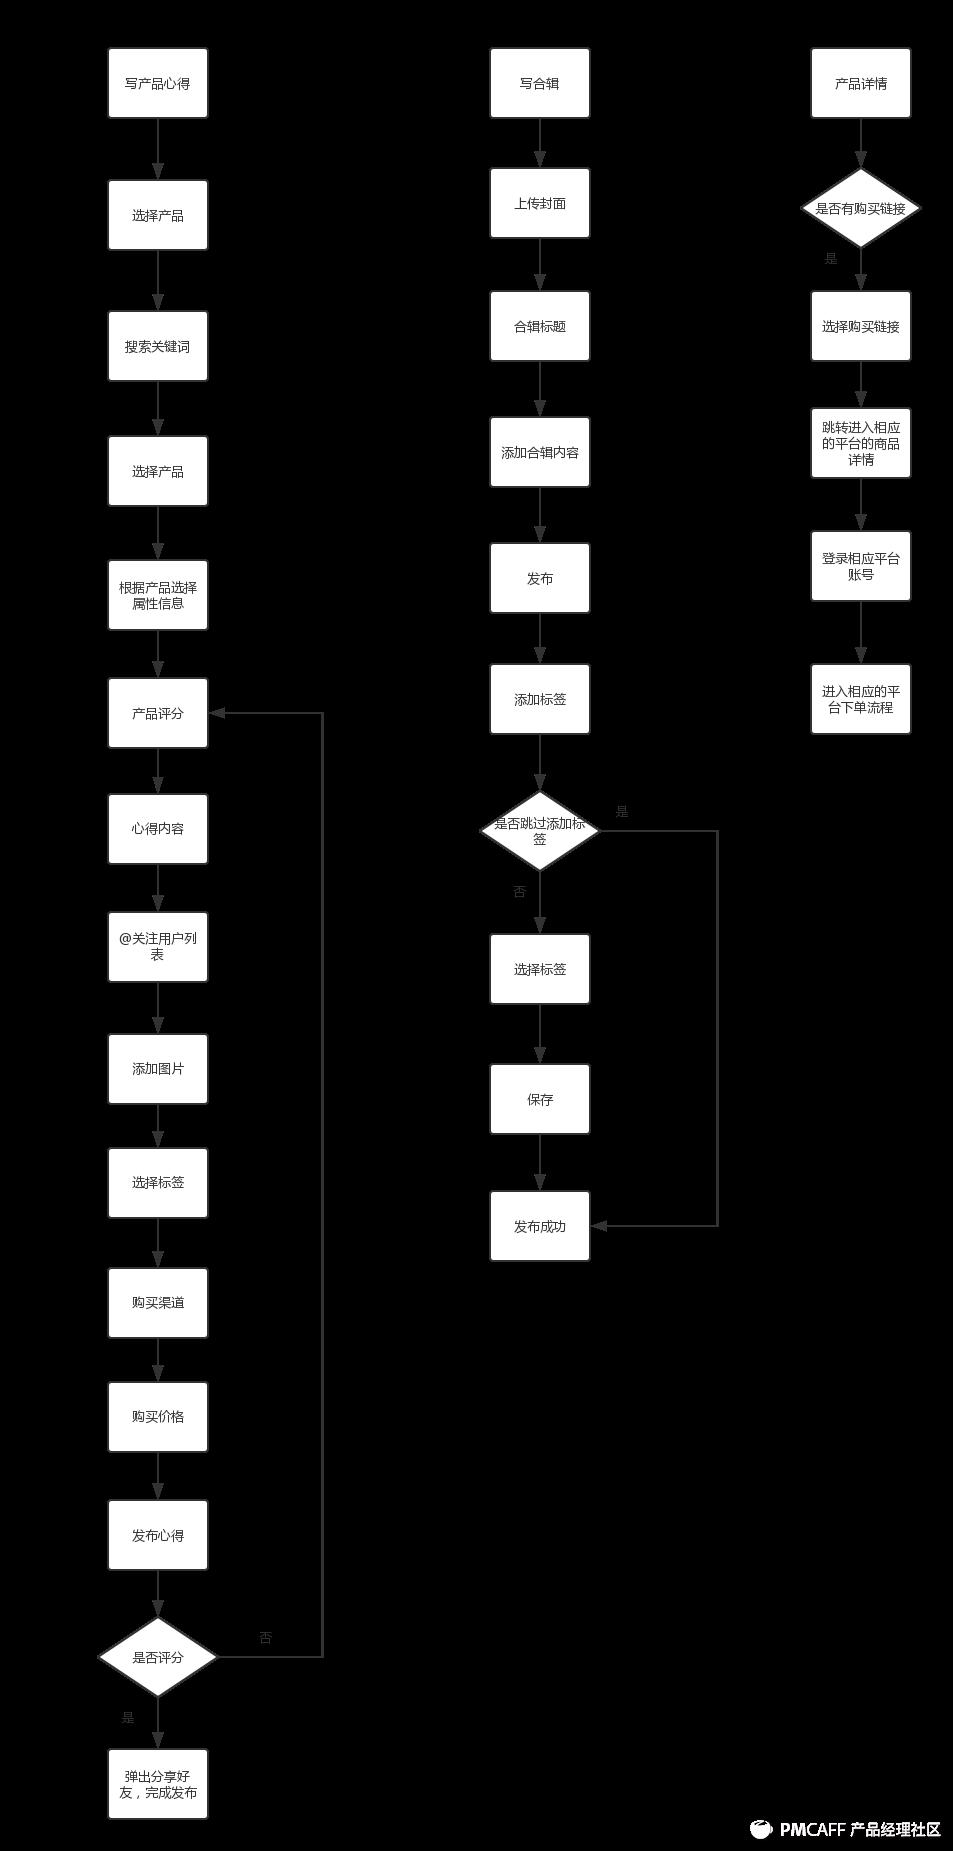 网易美学流程图.png